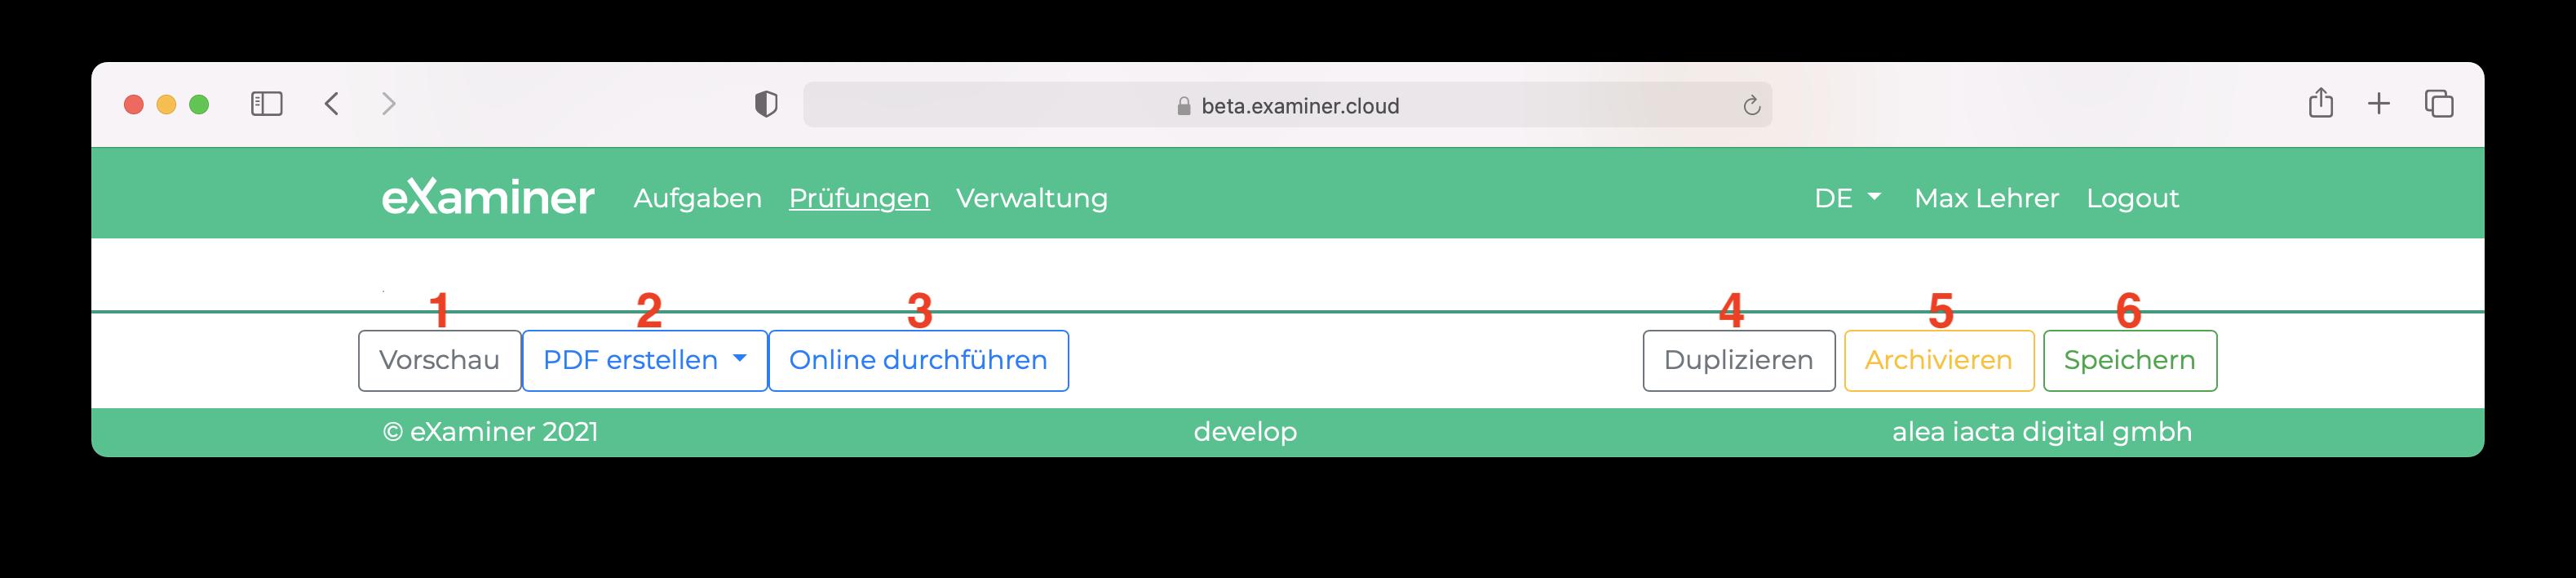 Screenshot der Aktionsbar (Buttons), welche bei der Prüfung zur Verfügung steht.